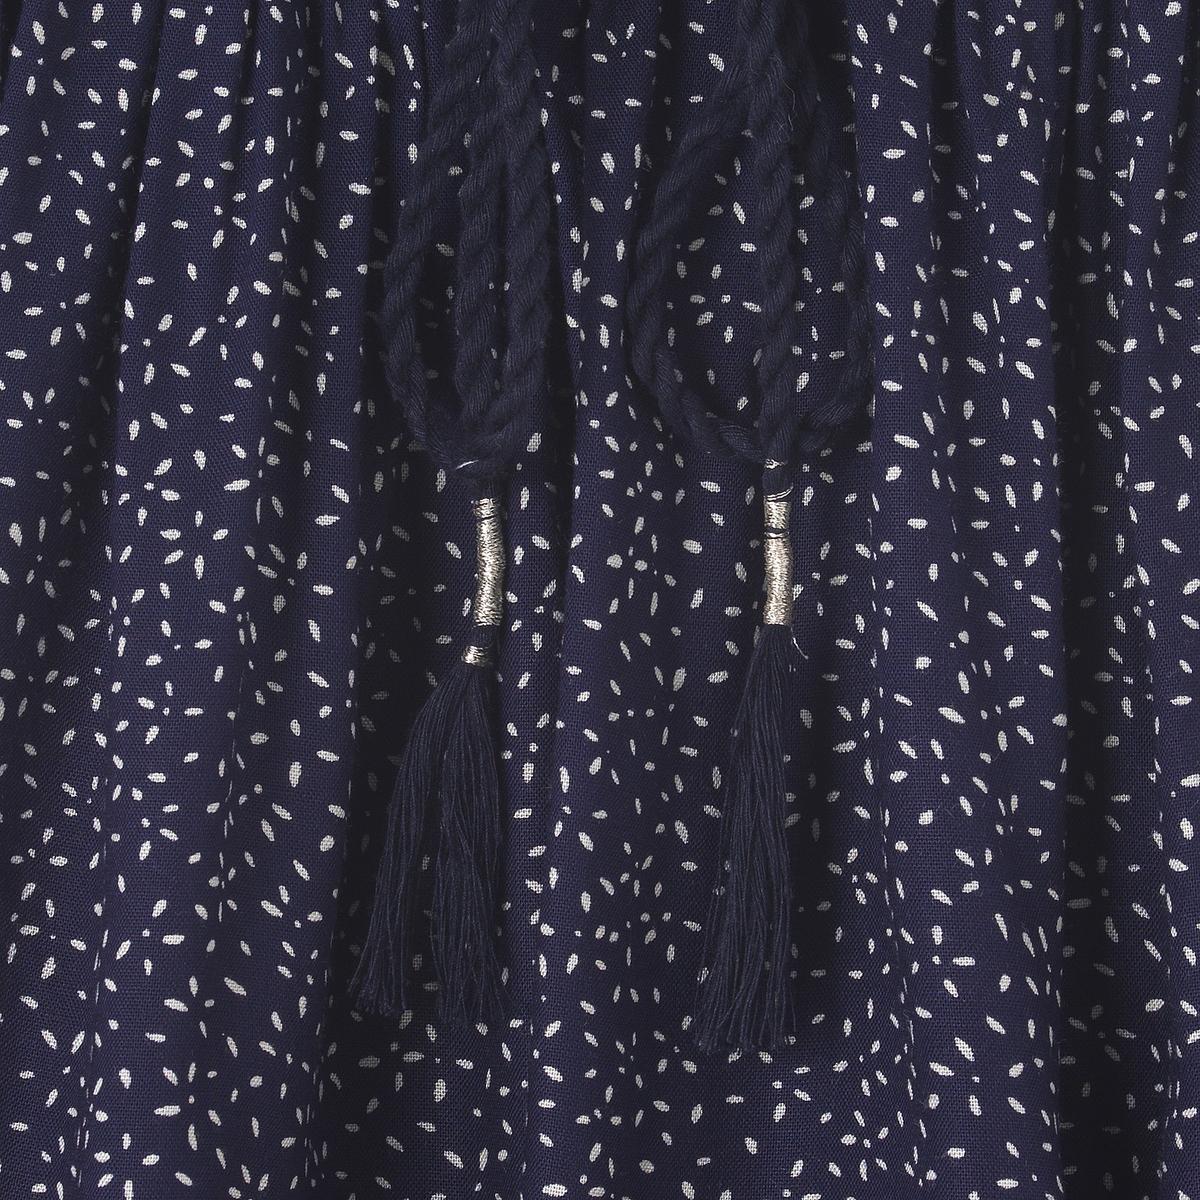 Юбка плиссированная расклешенная, 3-12 летРасклешенная плиссированная юбка. Полностью эластичный пояс в рубчик на завязках с серебристой деталью.Состав и описание : Материал       100% вискозаДлина    до середины бедра  Марка       abcdR Уход :Машинная стирка при 30 °C с вещами схожих цветов.Стирать и гладить с изнаночной стороны..Машинная сушка запрещена.Гладить на низкой температуре.<br><br>Цвет: набивной рисунок<br>Размер: 6 лет - 114 см.3 года - 94 см